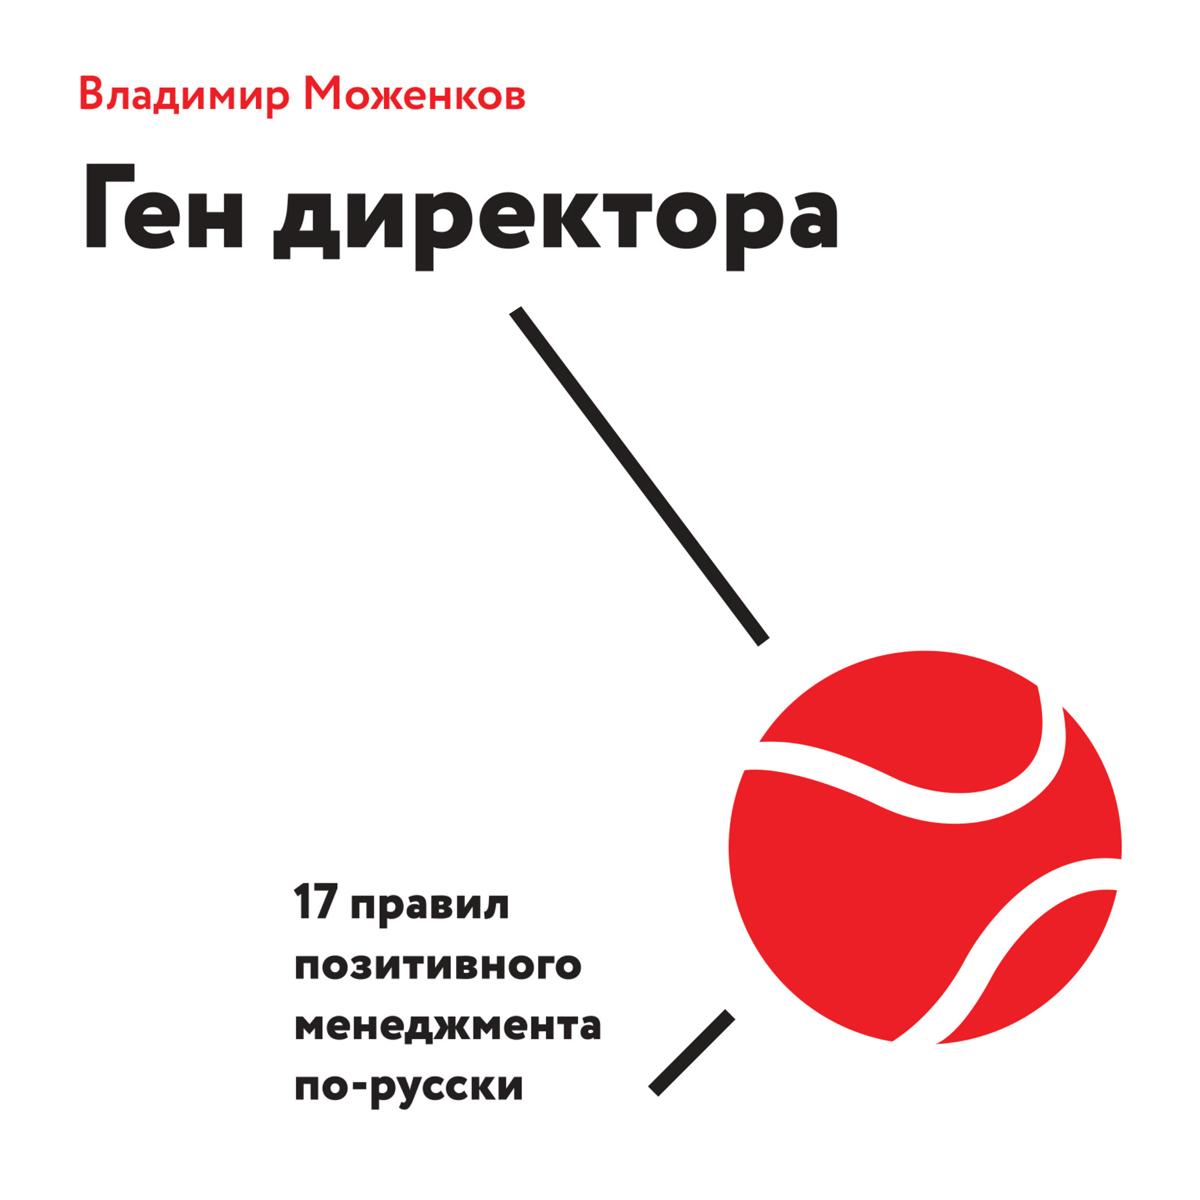 Владимир Моженков Ген директора. 17 правил позитивного менеджмента по-русски